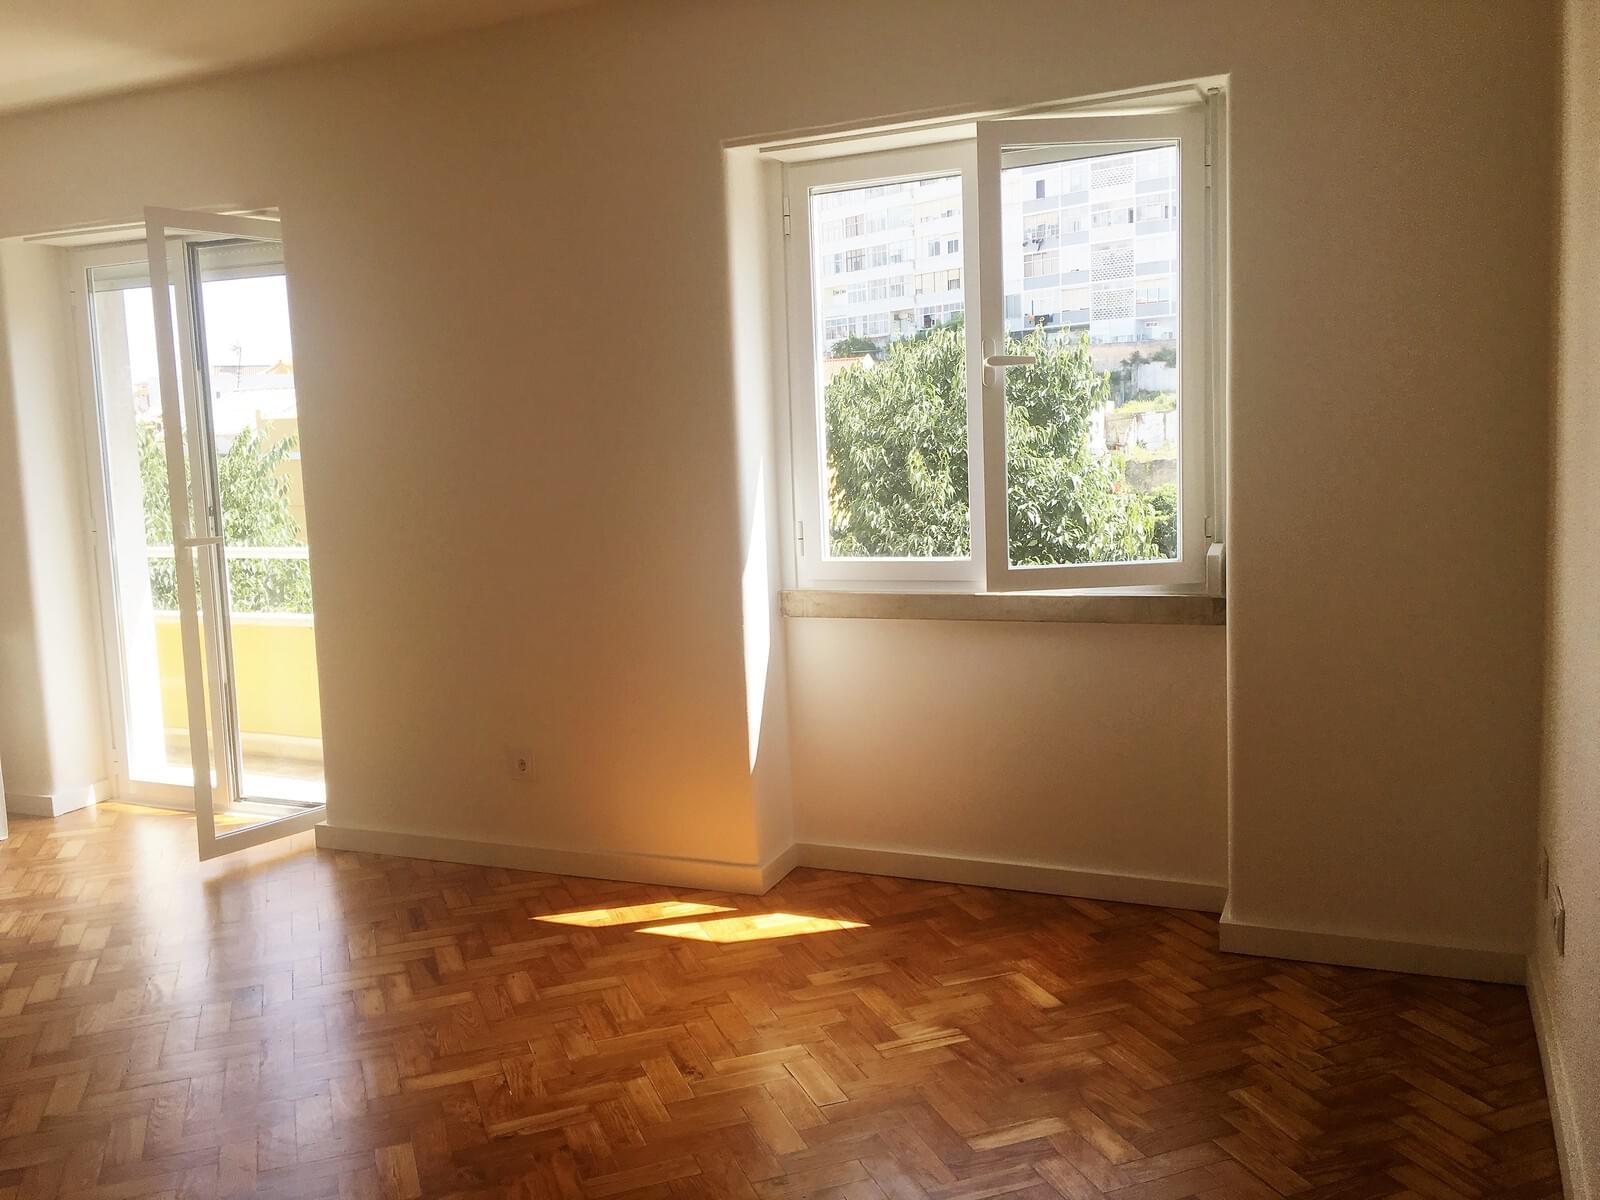 pf17642-apartamento-t3-lisboa-d015a602-9e87-4d16-91ad-5ed76d540b54